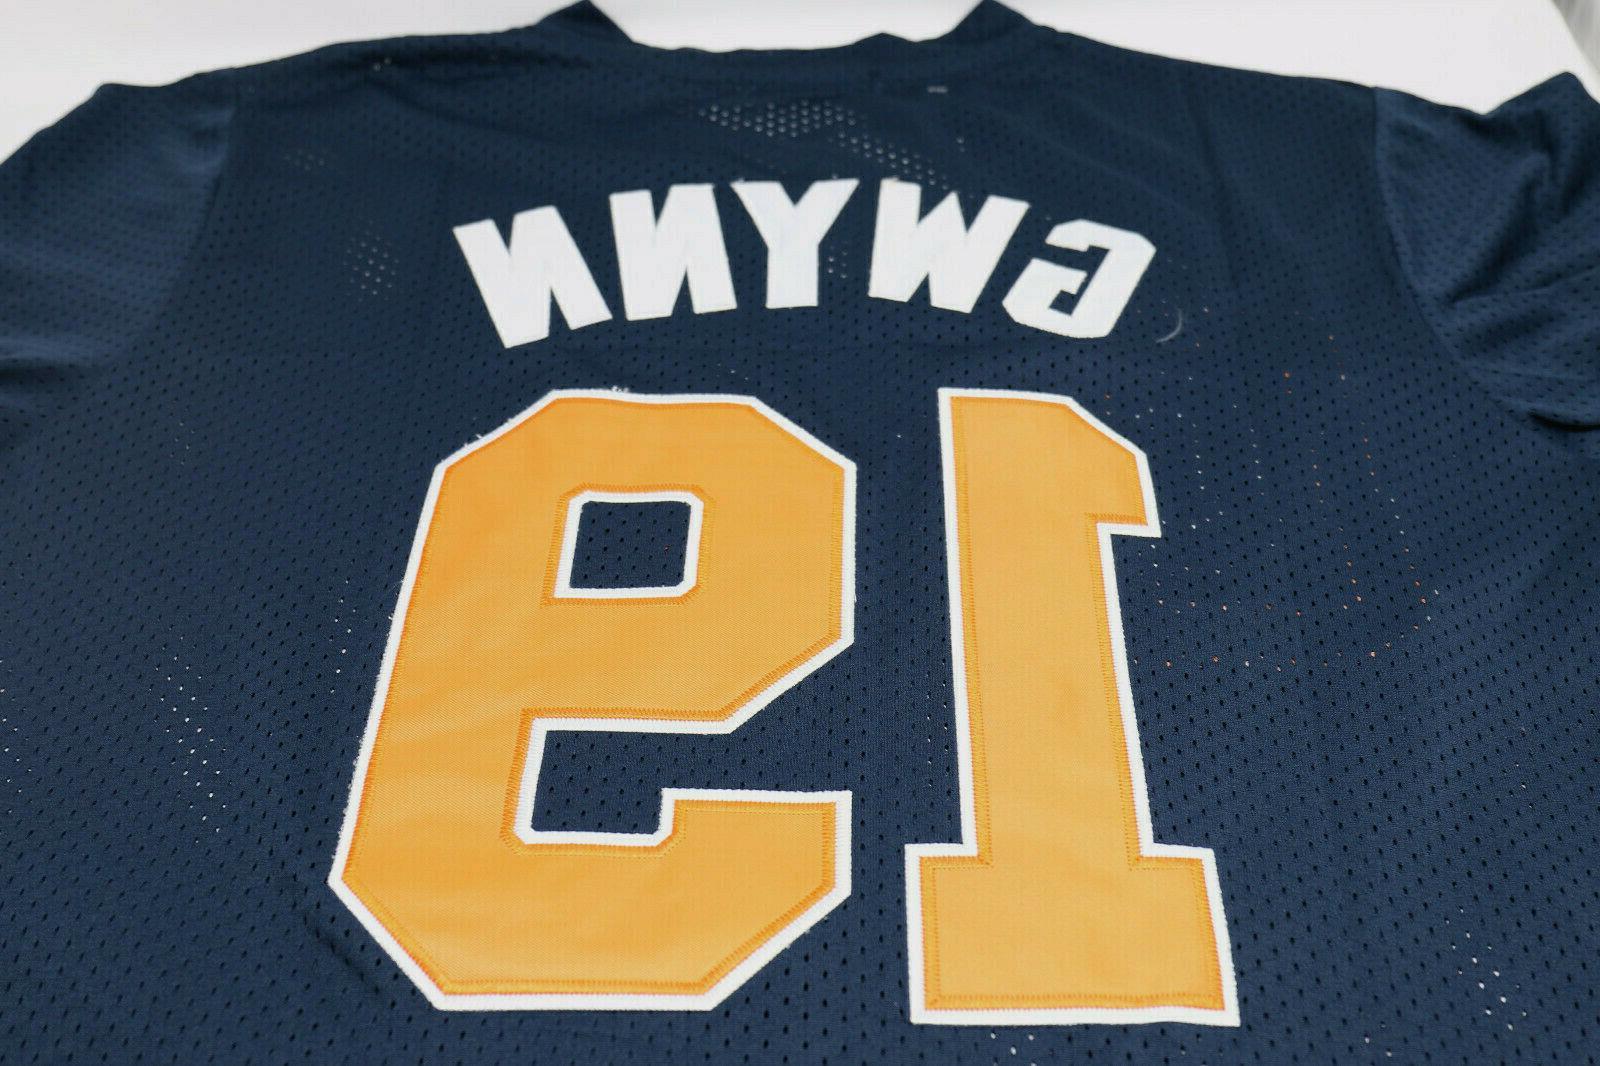 Tony Gwynn #19 San Diego Padres Navy